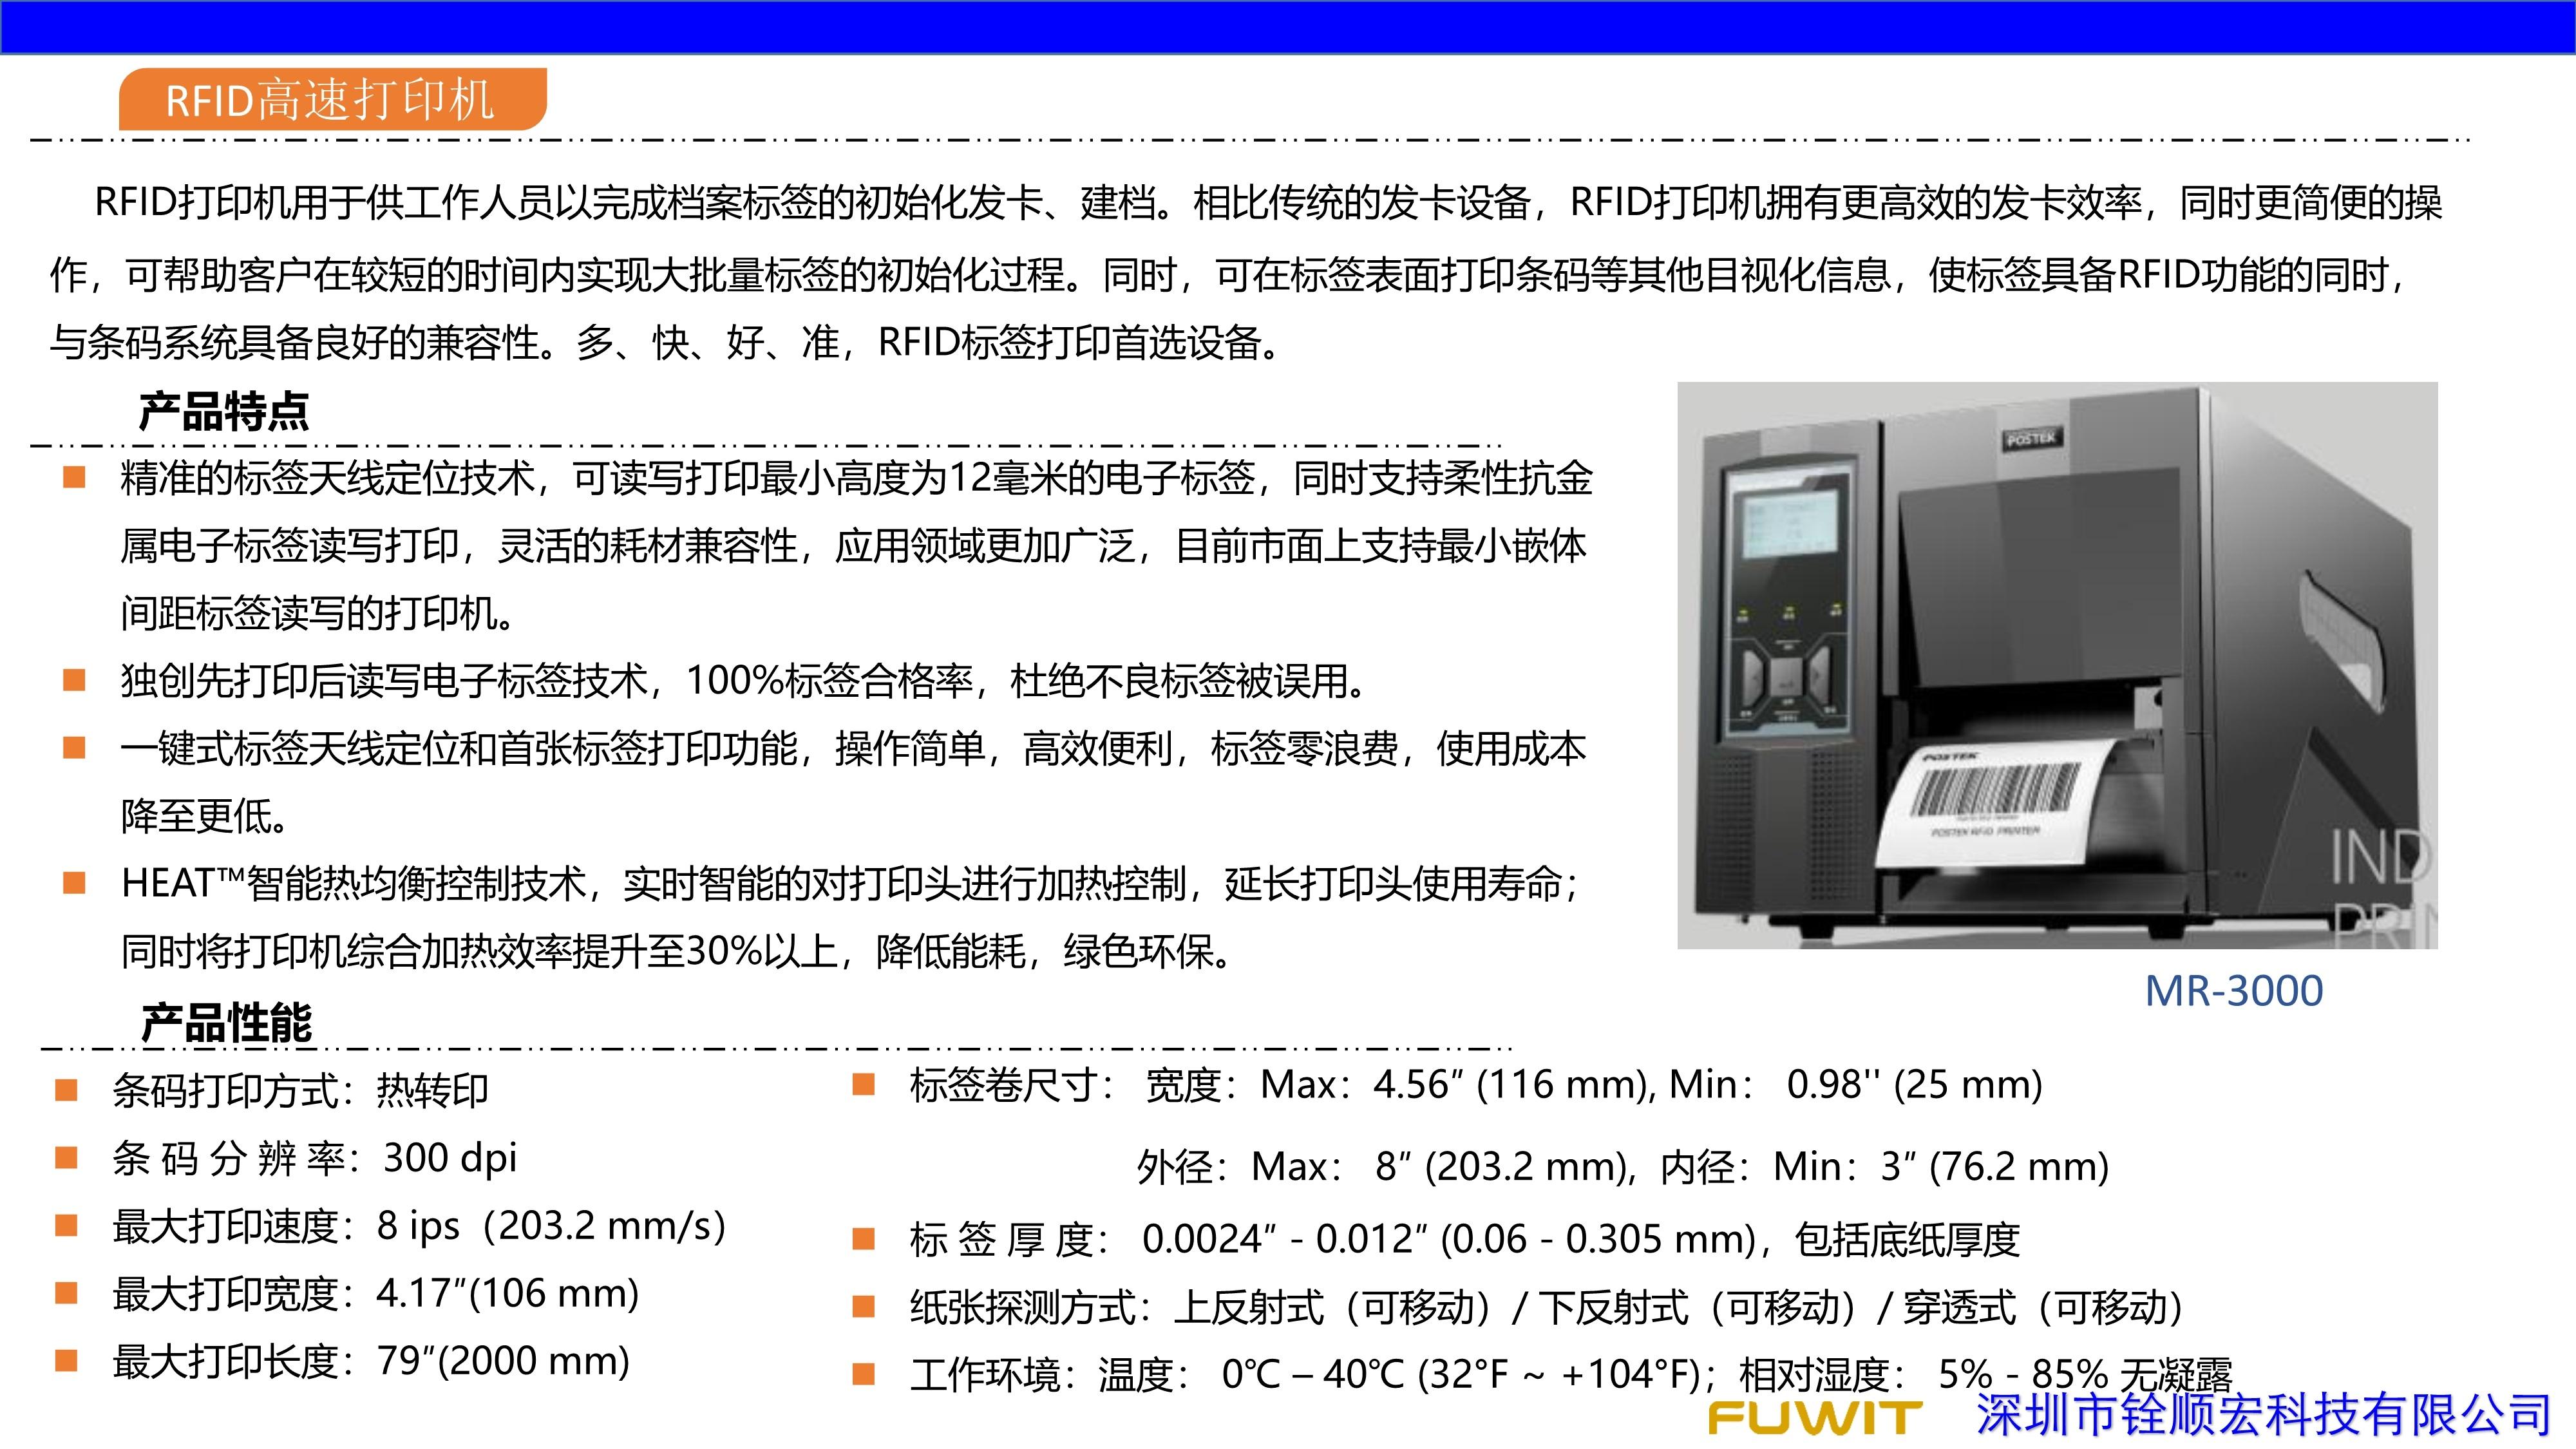 超高频RFID打印机,RFID条码打印,RFID打印机